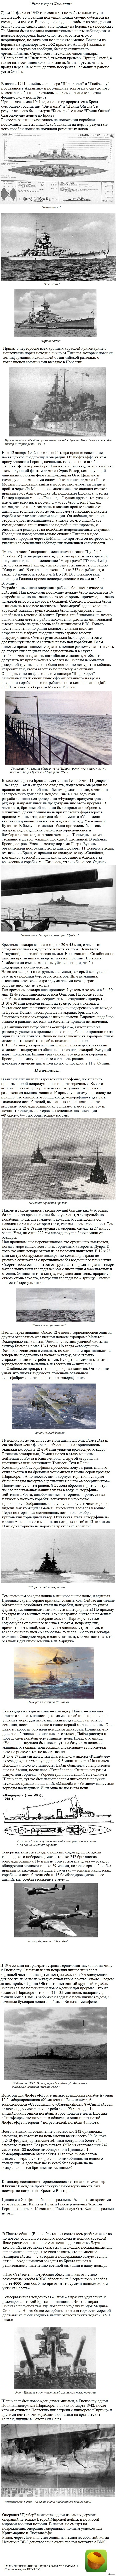 """Операция """"Цербер"""" Прорыв немецких кораблей из Франции через Ла-манш в Германию"""